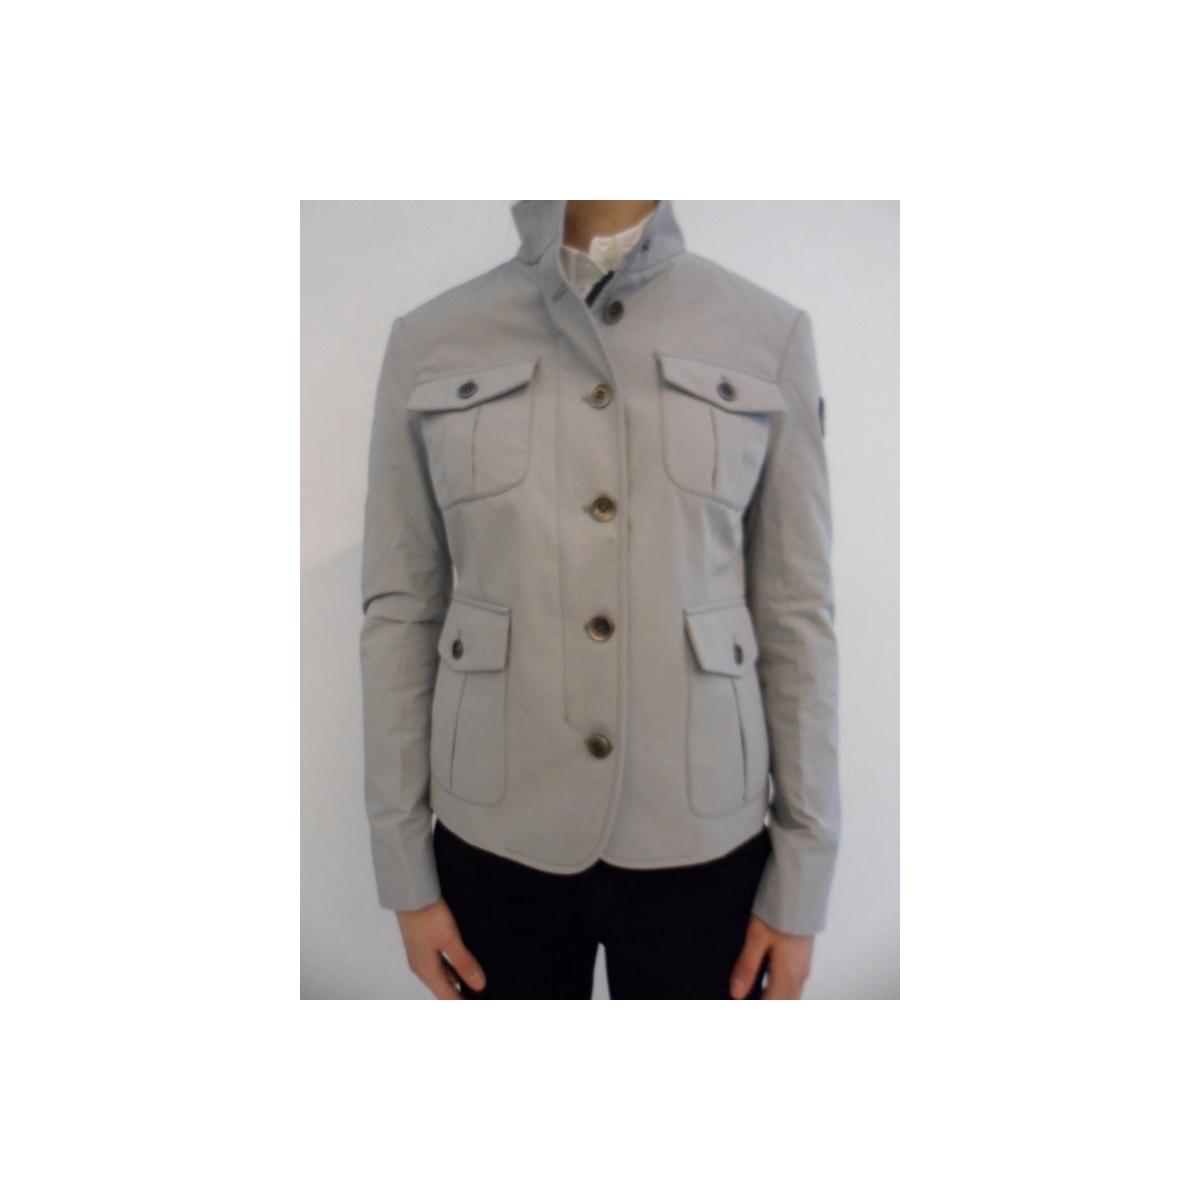 5483it Veste Winsome 60 Giacca Lady Etm450 Refrigiwear pO7q6X